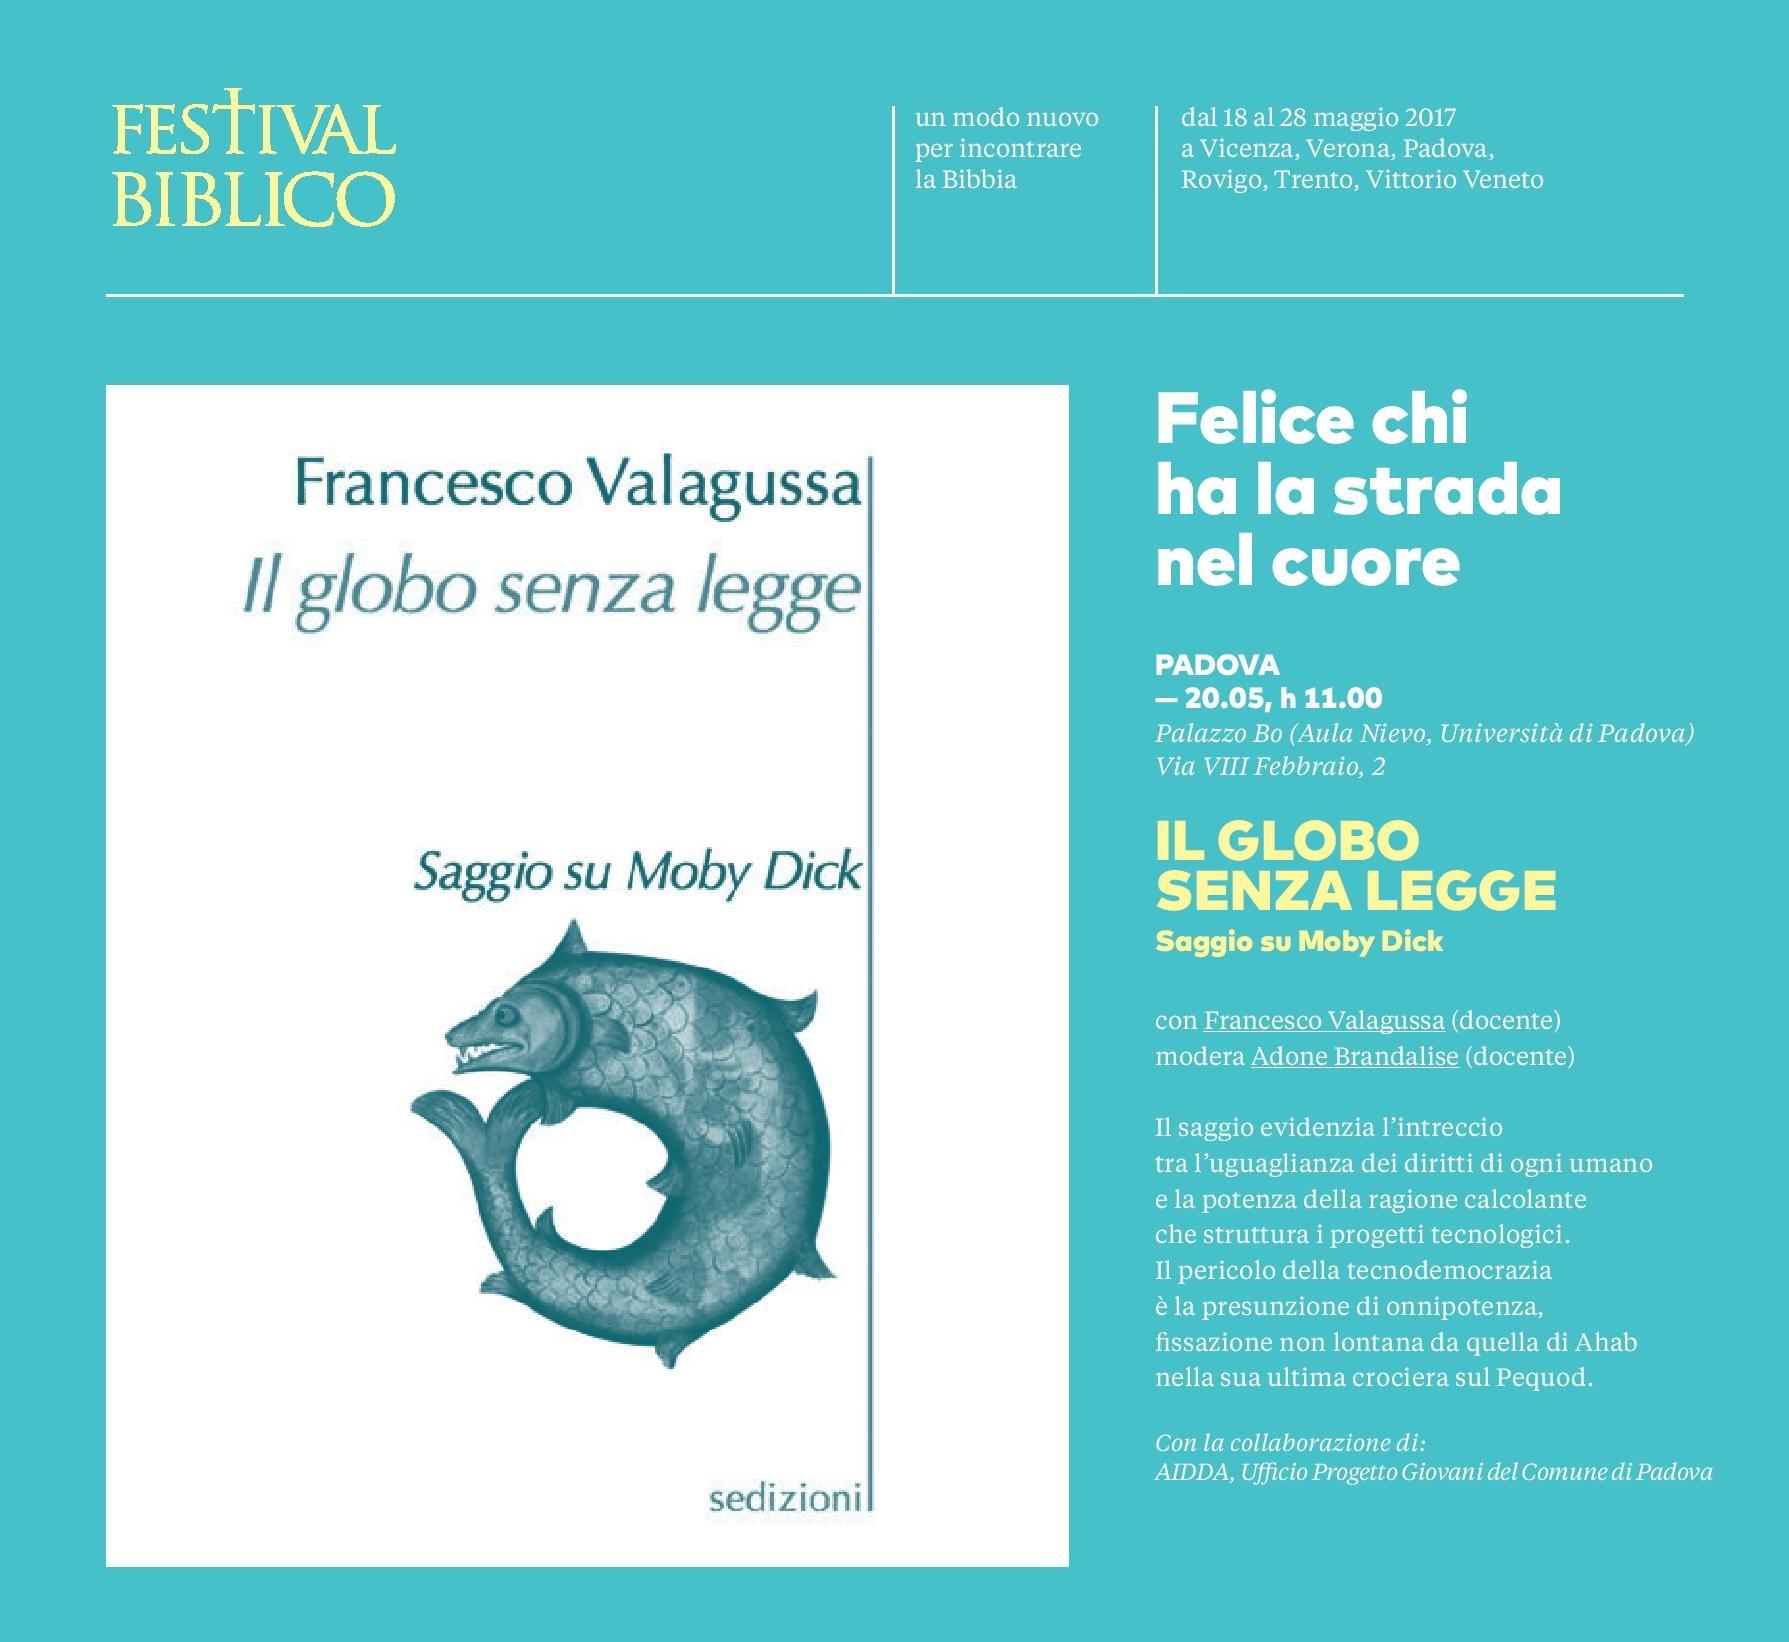 01-Locandina 20 maggio 2017 Festival Biblico PD-page-001